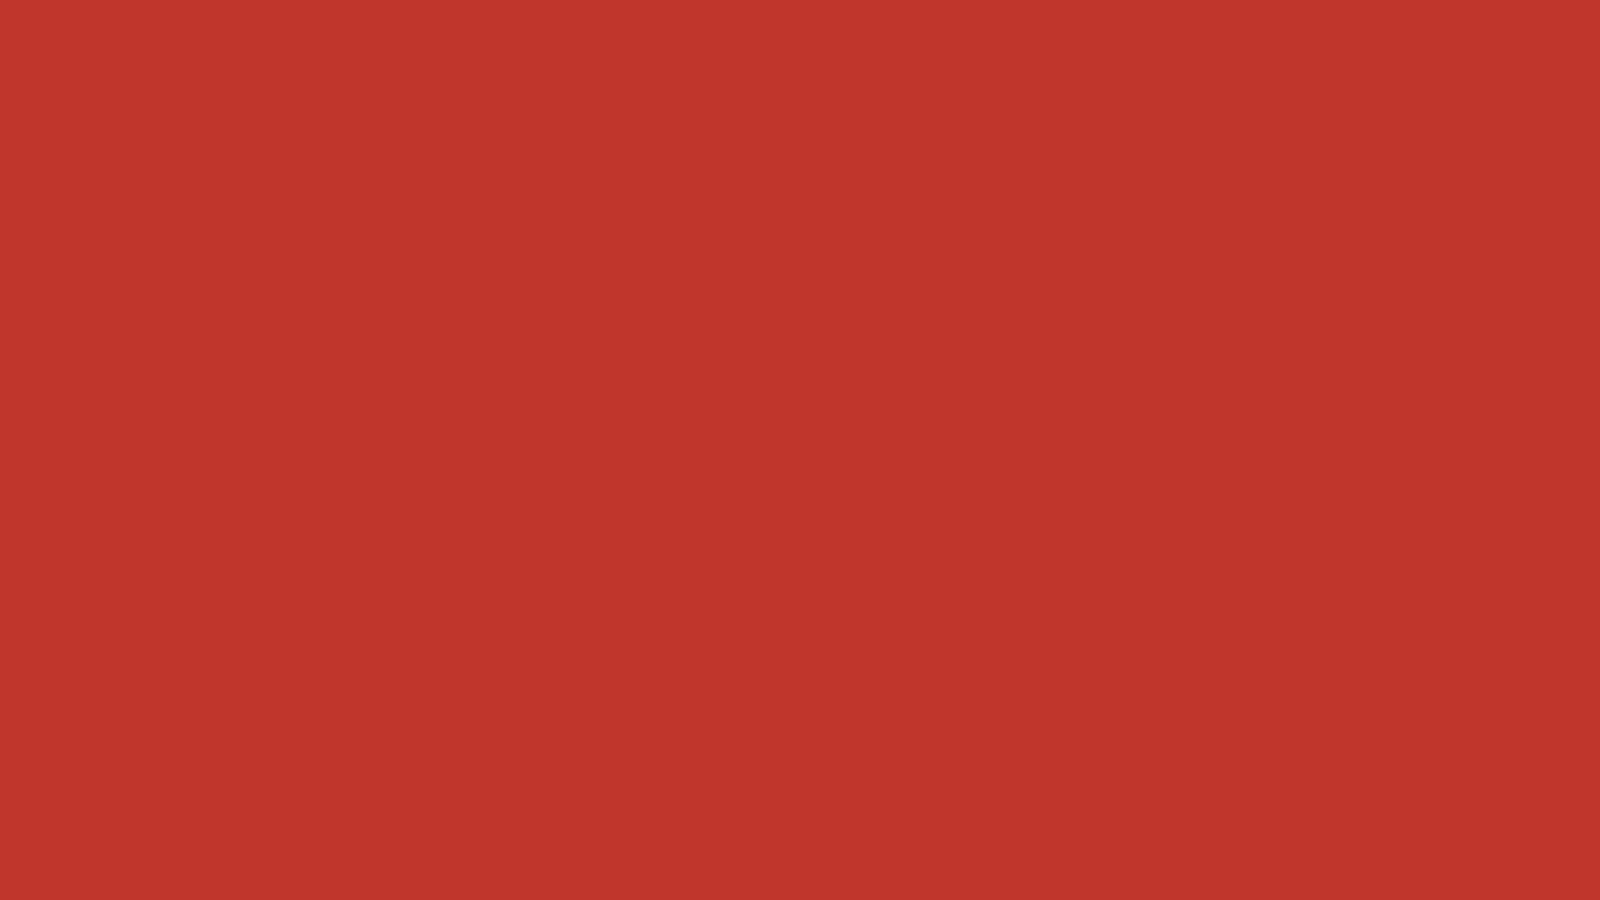 1600x900 International Orange Golden Gate Bridge Solid Color Background